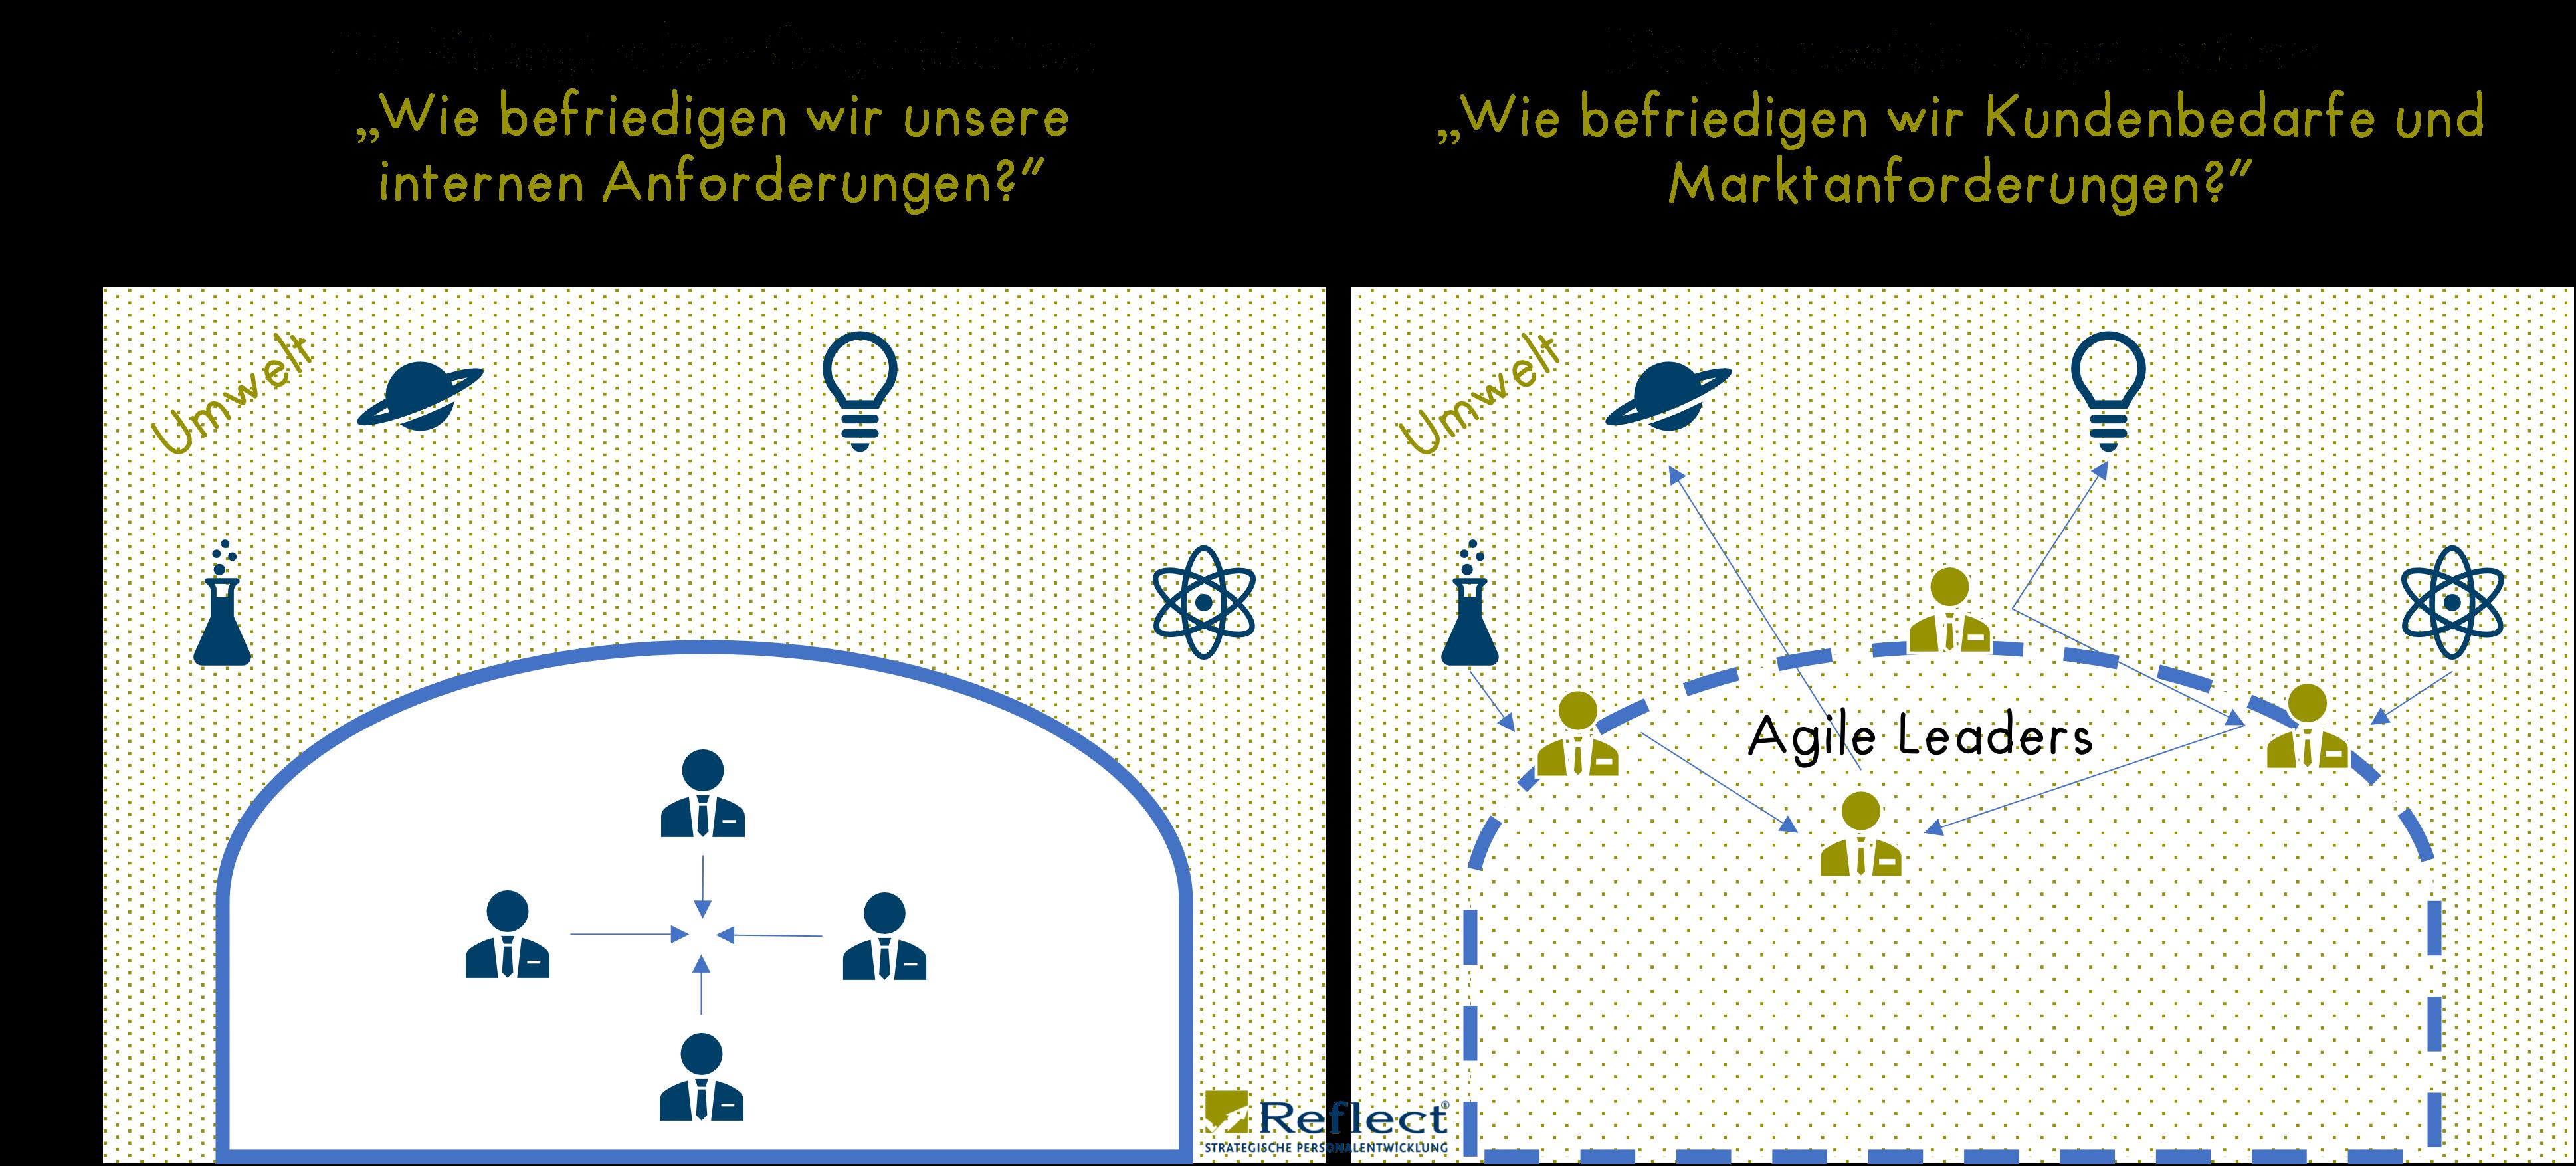 Agile_Leadership_Teil4_Kaeseglocke_vs_permeable_Organisation_small